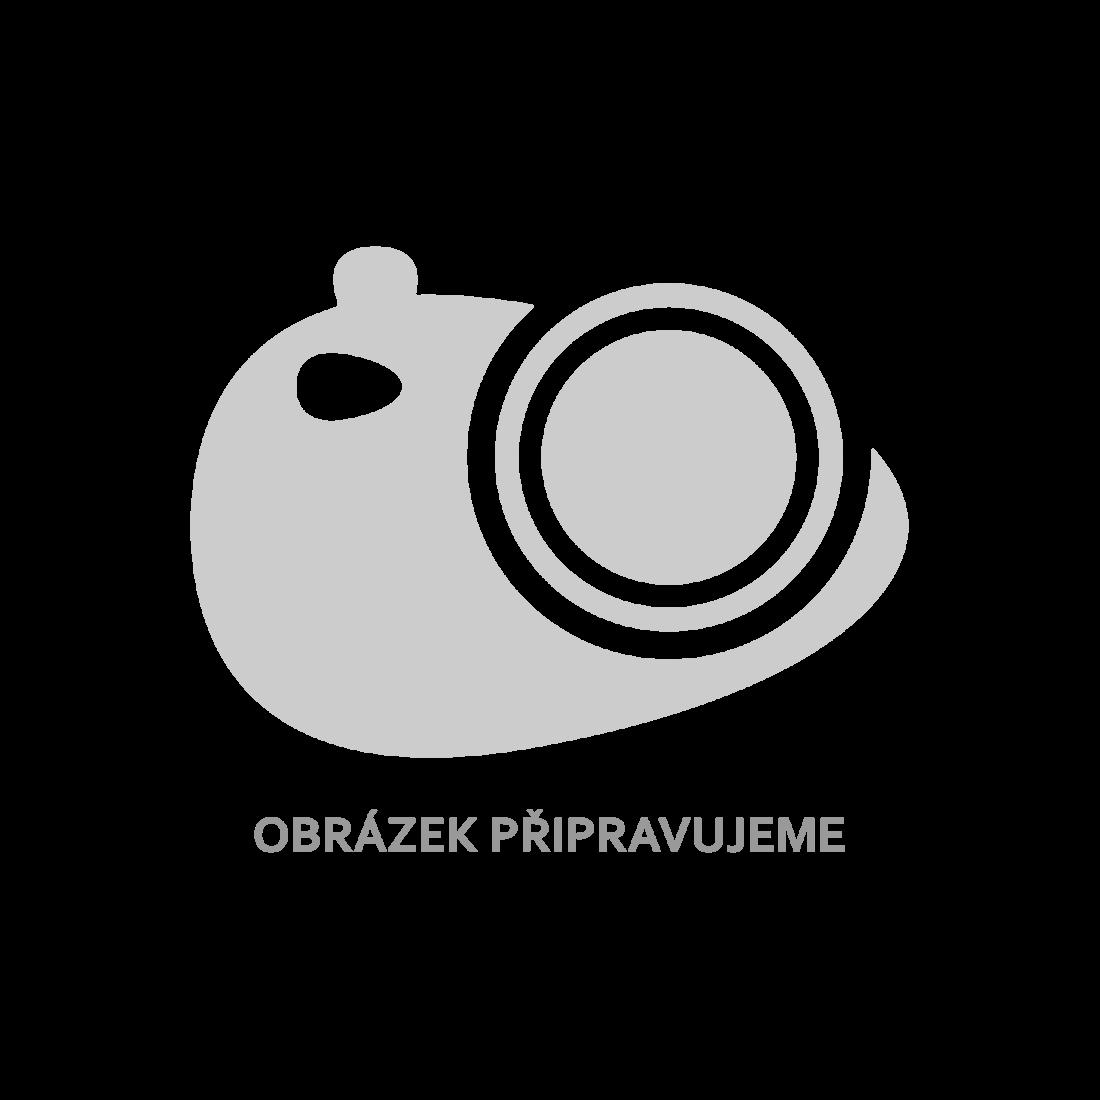 Pryžová podlahová protiskluzová rohož 5x1m diamantový vzor